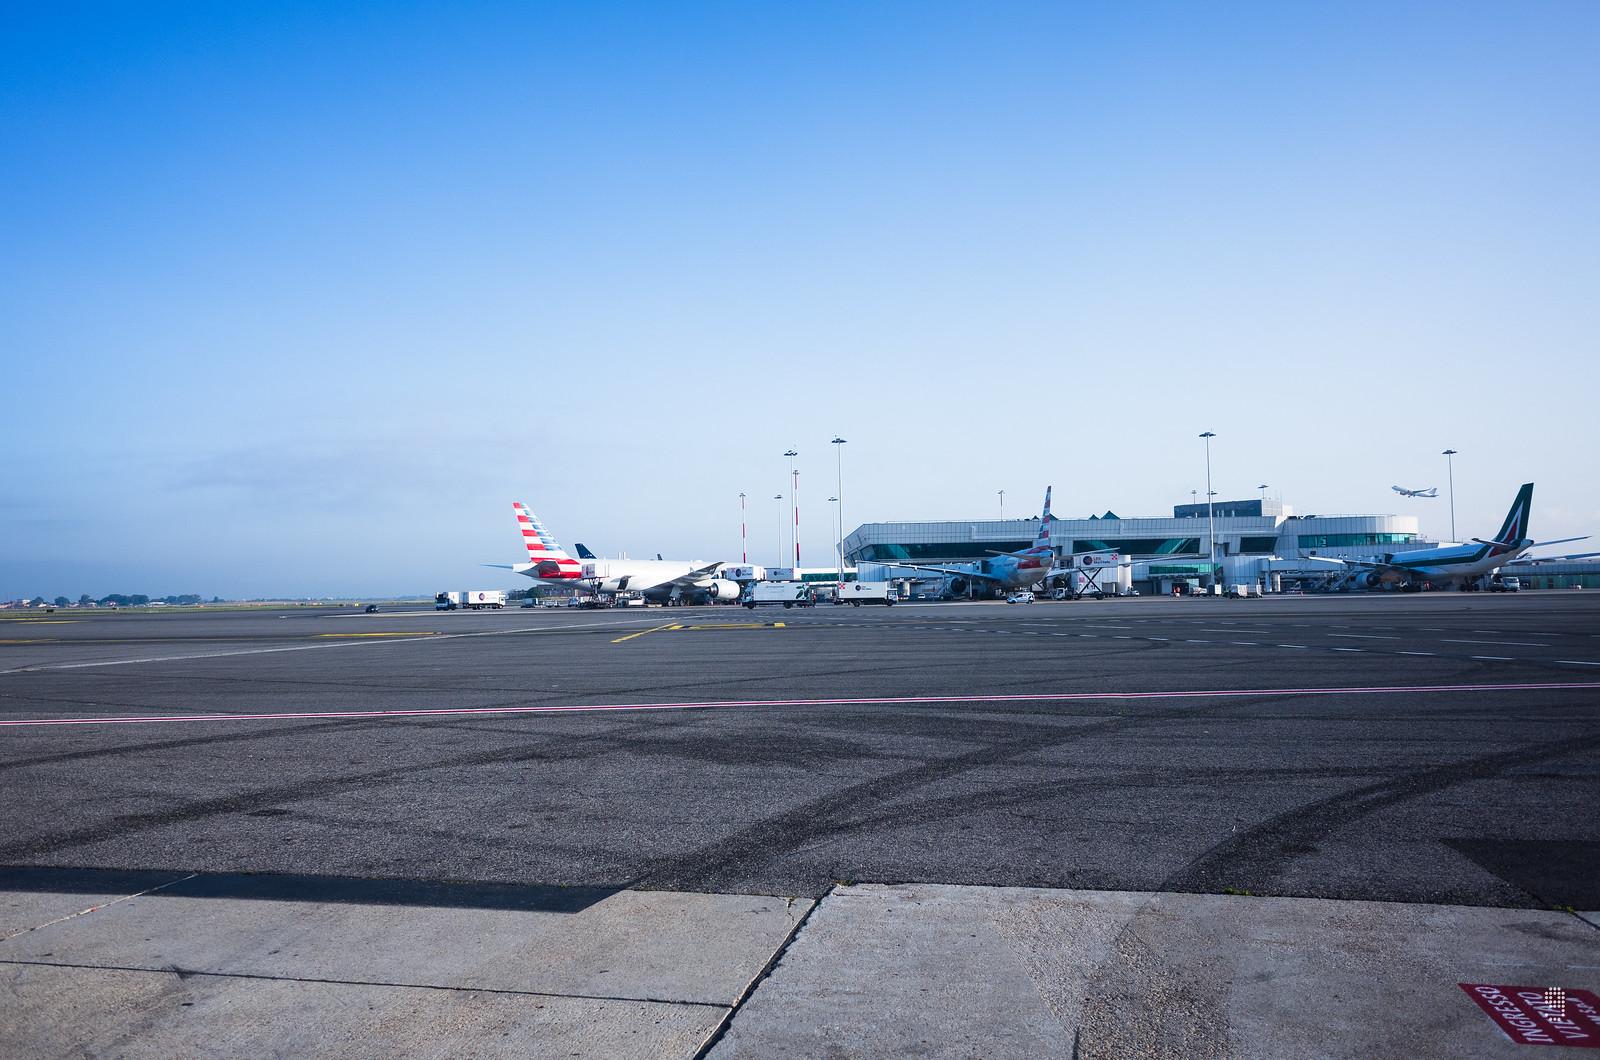 航班早上準時抵達羅馬達文西國際機場